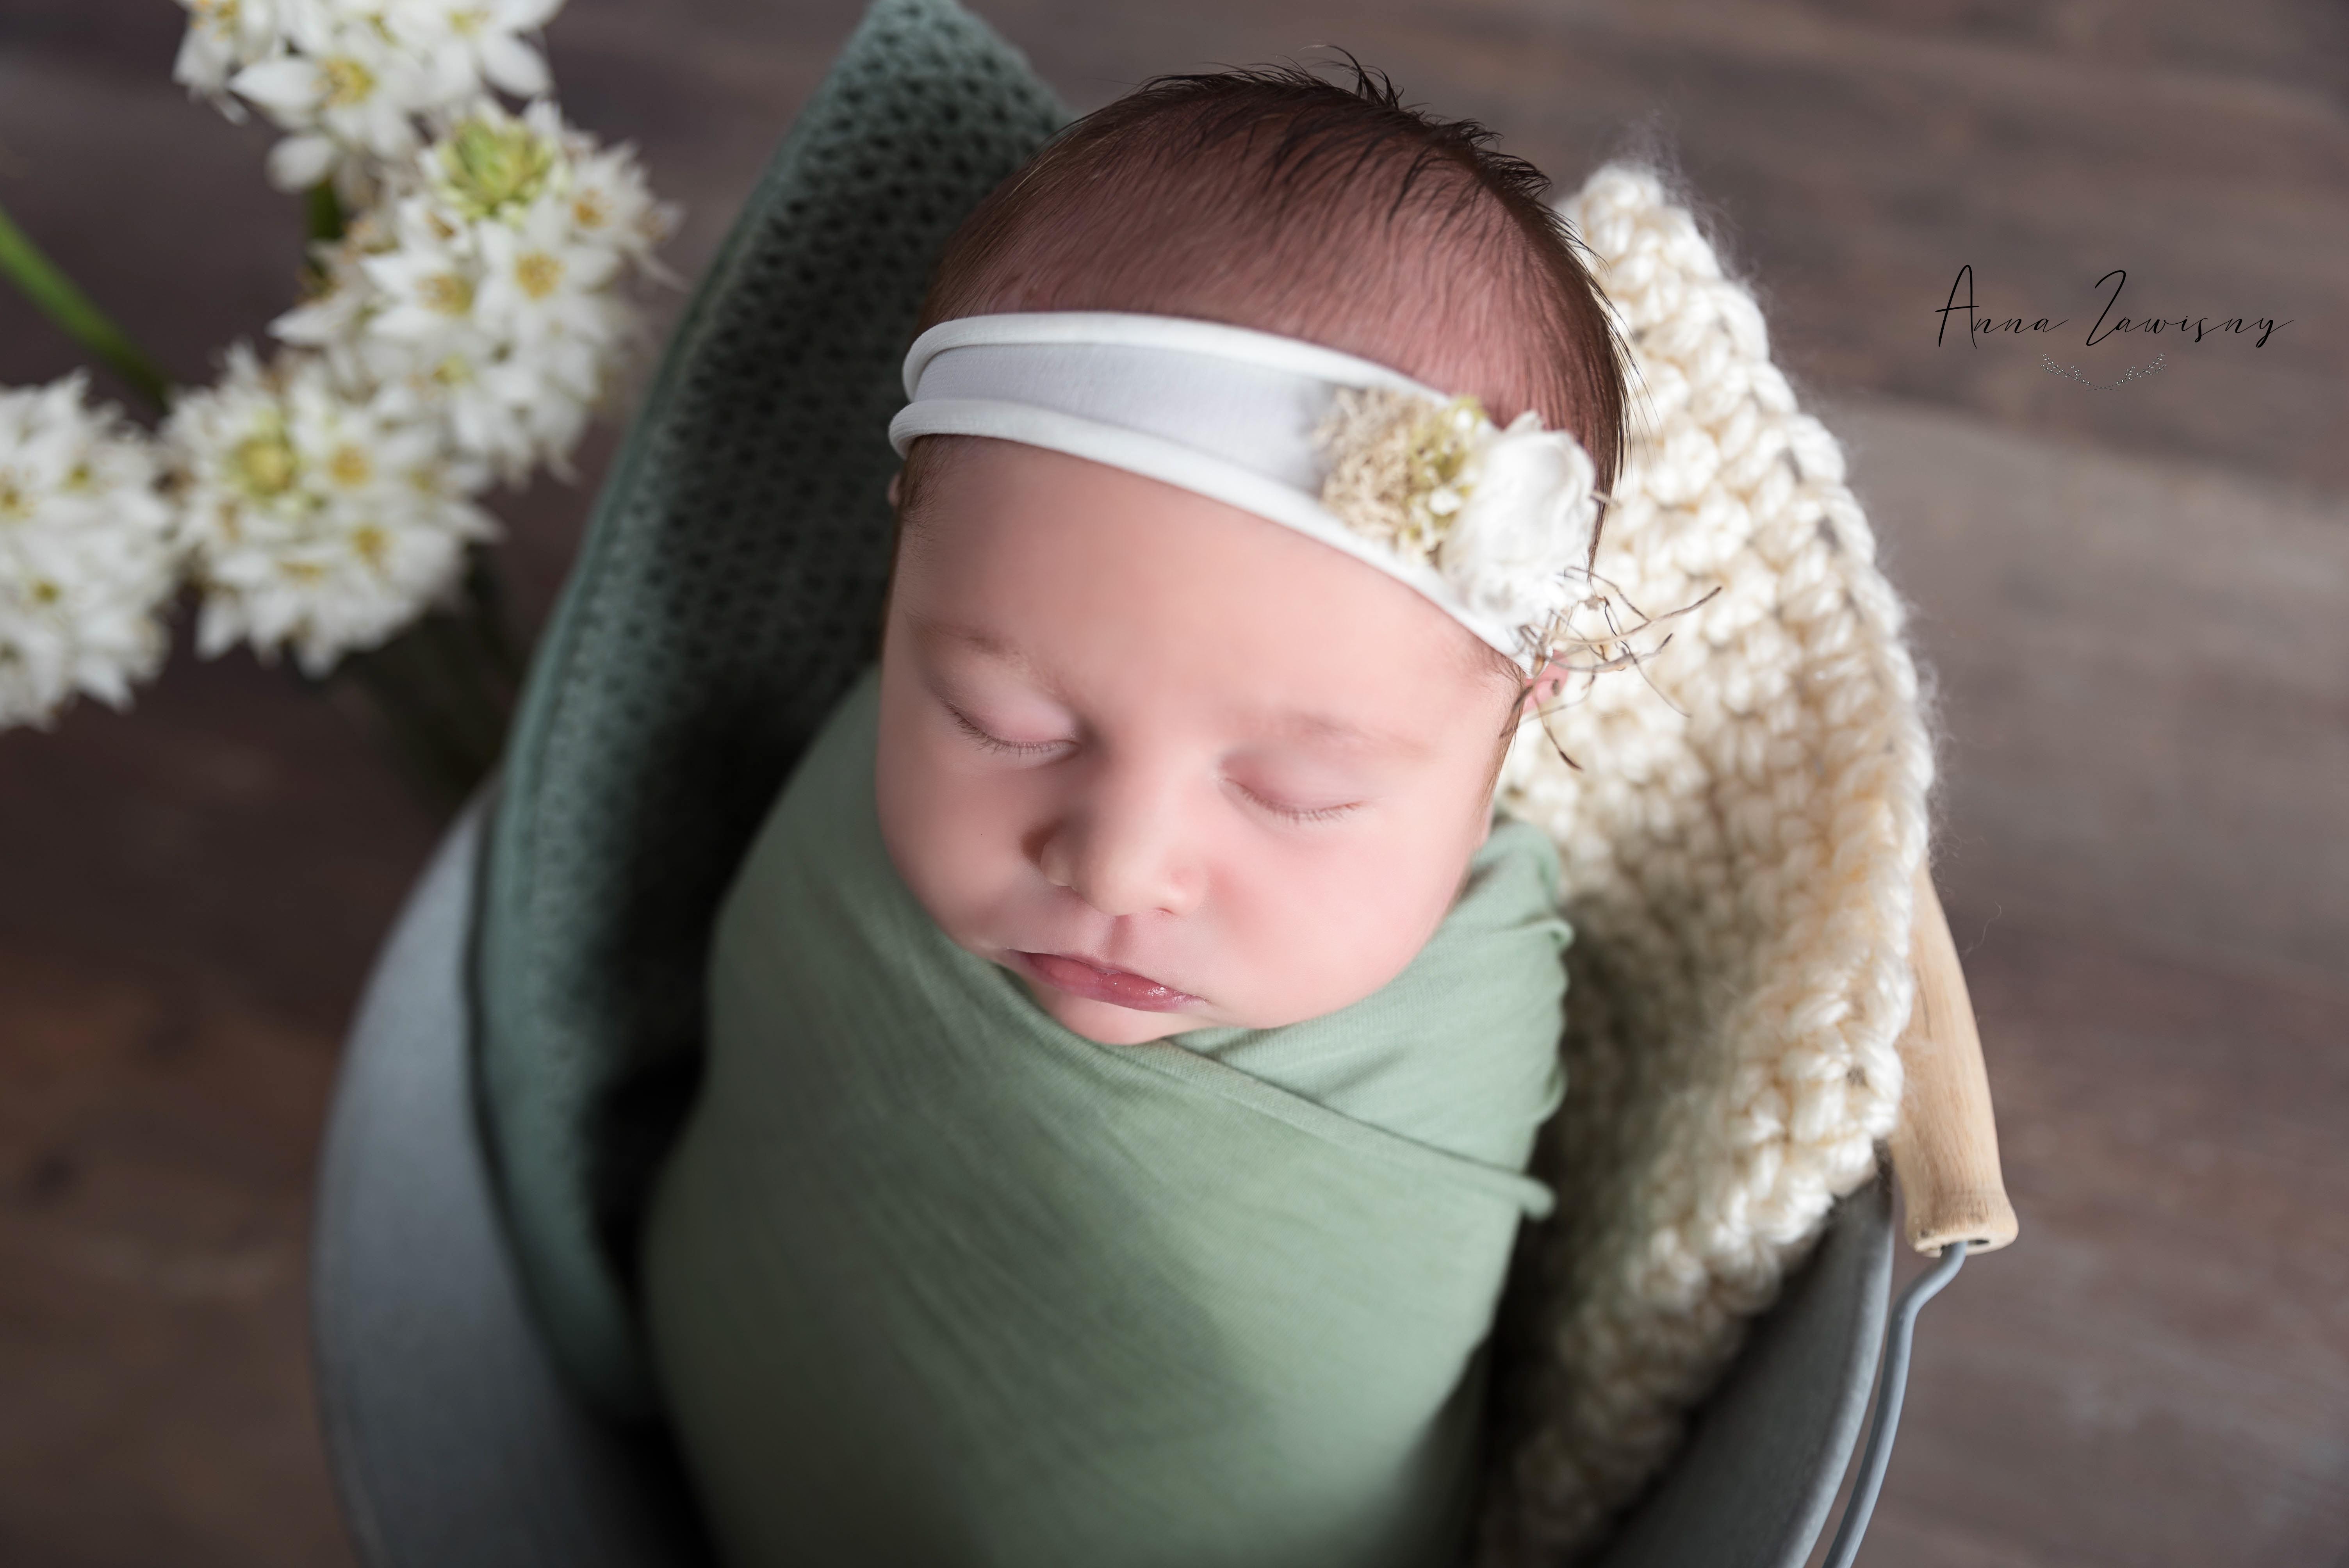 Photographe oise seine et marne aisne grossesse bébé nouveau né famille (5)-min